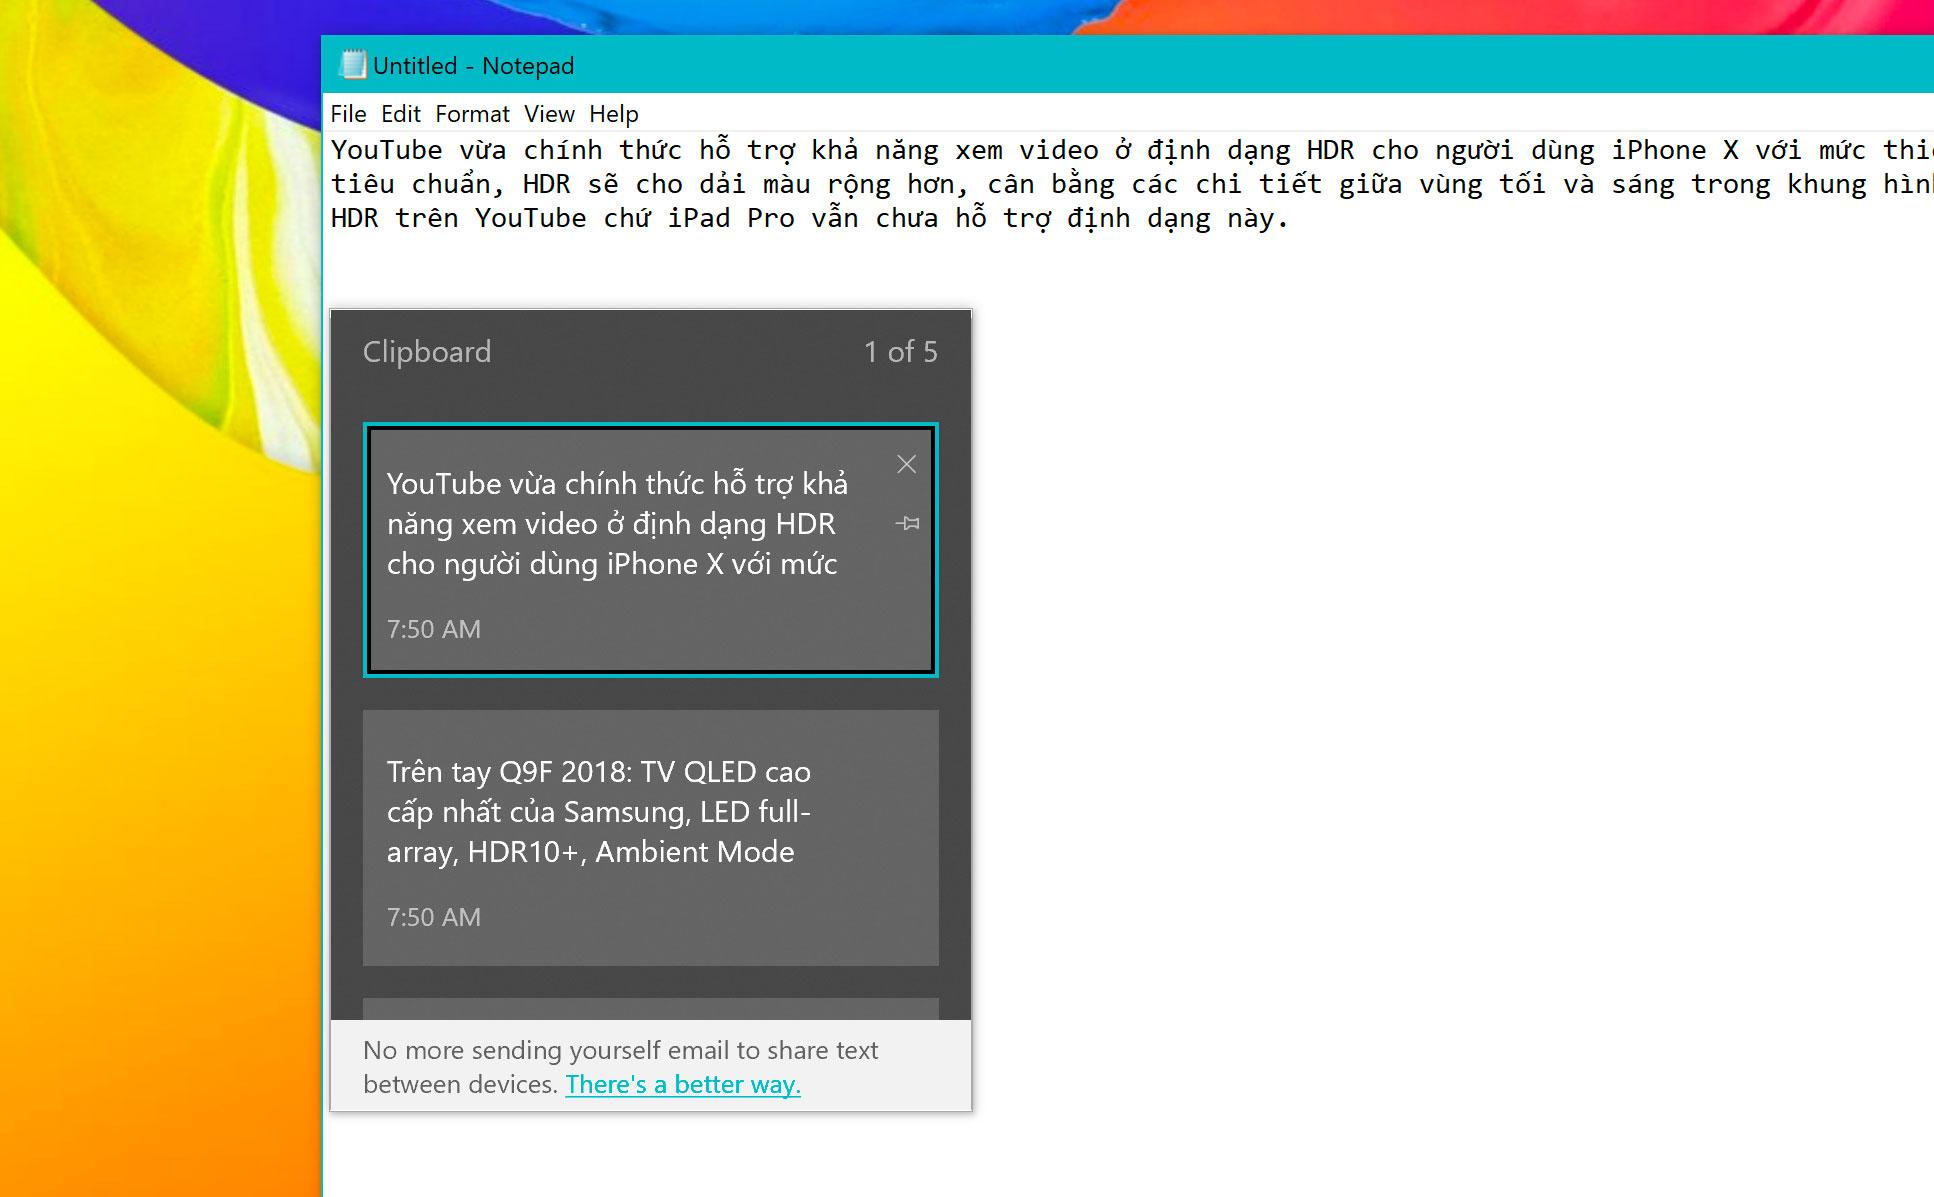 cach_hoat_dong_windows_10_clipboard.jpg